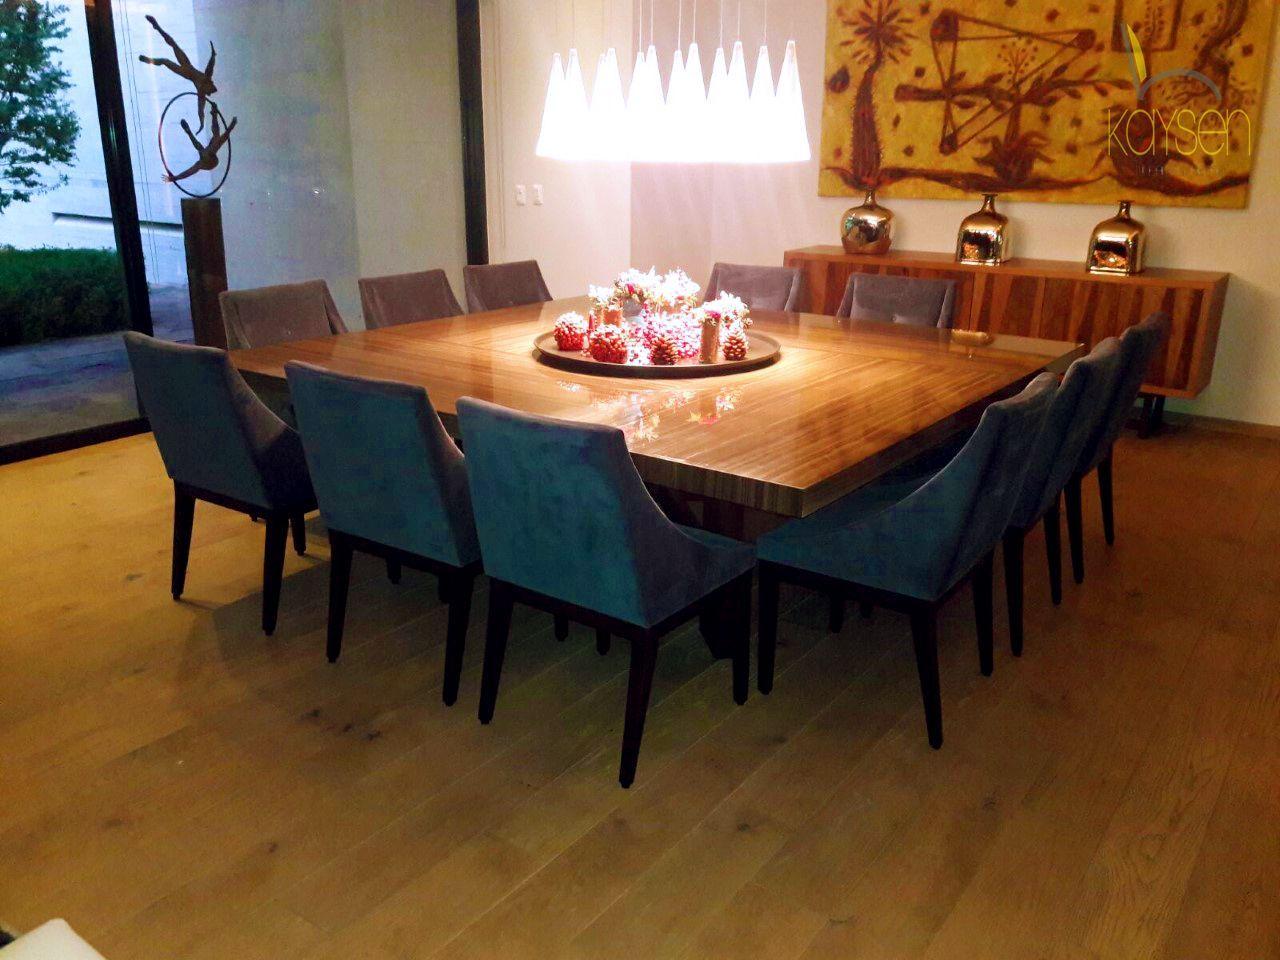 Comedor cuadrado de 9 sillas, una alternativa diferente al ...